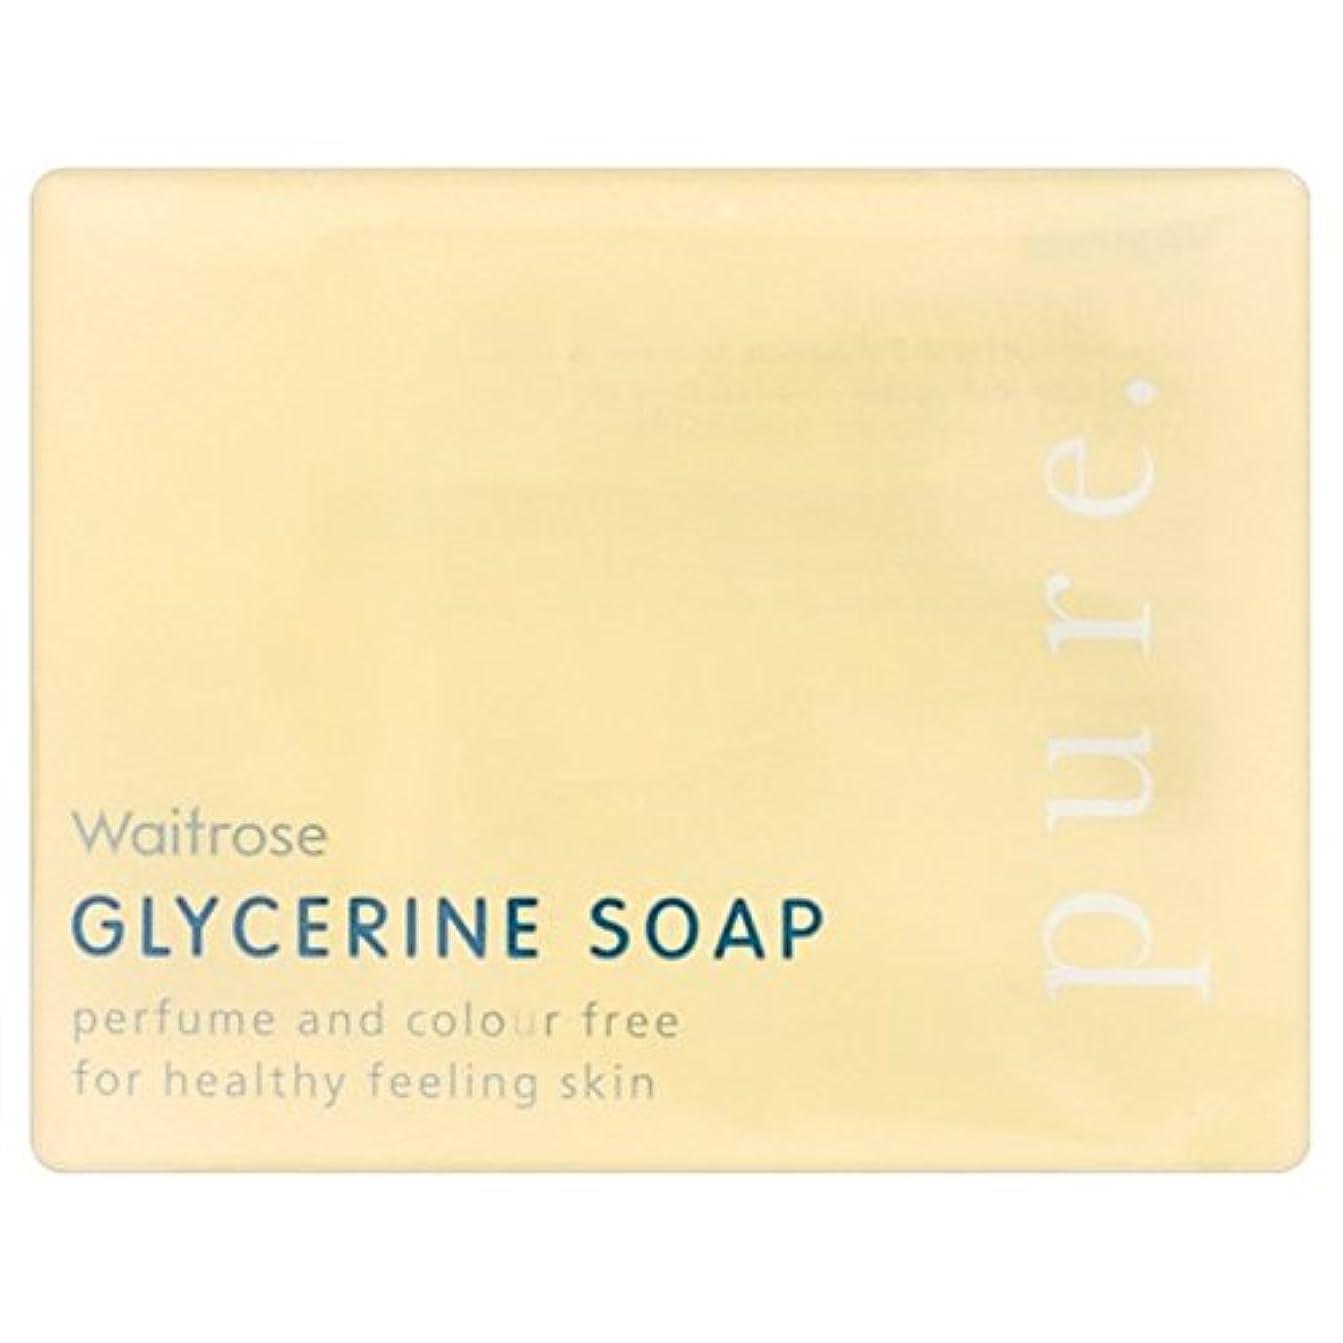 医薬品空の戻る純粋なグリセリンソープウェイトローズの100グラム x4 - Pure Glycerine Soap Waitrose 100g (Pack of 4) [並行輸入品]